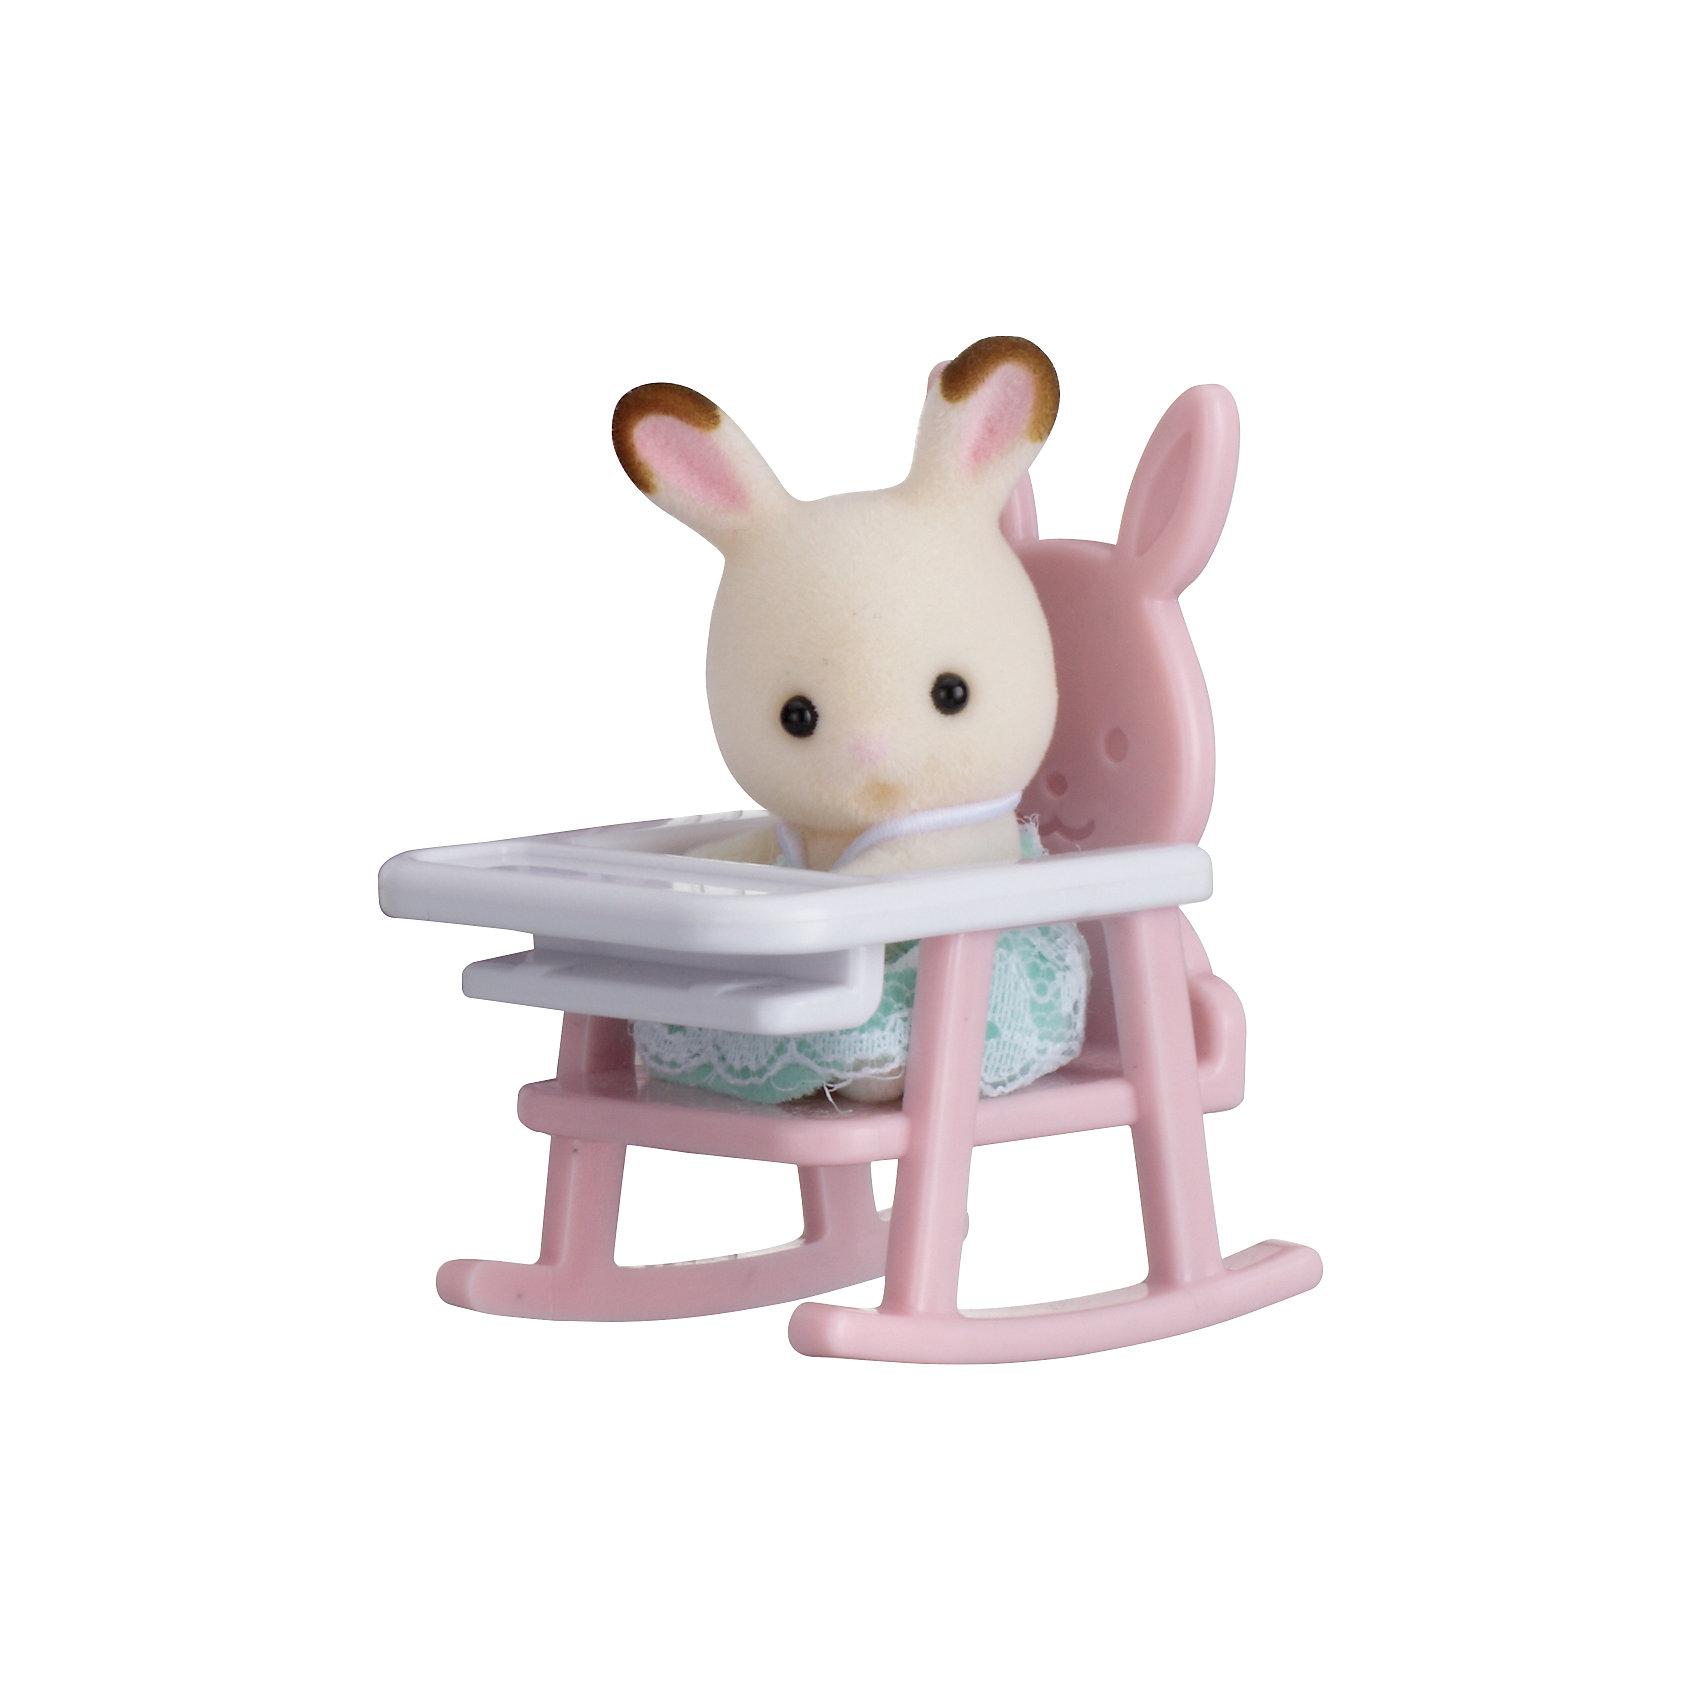 Набор Младенец в пластиковом сундучке (кролик в детском кресле), Sylvanian FamiliesSylvanian Families<br>Sylvanian Families (Сильваниан Фэмилис) - целый мир, в котором живут маленькие милые зверята -  кролики, белки, медведи, лисы и многие другие. У каждого из них есть дом. Познакомься с малышом-кроликом, он еще совсем маленький и так нуждается в твоей помощи и заботе, посади его на детский стульчик и покорми. Игрушка прекрасно подходит для сюжетно-ролевых игр детей, развивает социальные навыки, мелкую моторику и воображение. Все детали набора выполнены их высококачественных, нетоксичных безопасных материалов. <br><br>Дополнительная информация:<br><br>- Комплектация: малыш кролик и детское кресло.<br>- Материал: пластик, текстиль, флок.<br>- Голова и лапки поворачиваются.<br><br>Набор Младенец в пластиковом сундучке (кролик в детском кресле), Sylvanian Families (Сильваниан Фэмилис), можно купить в нашем магазине.<br><br>Ширина мм: 275<br>Глубина мм: 267<br>Высота мм: 512<br>Вес г: 125<br>Возраст от месяцев: 36<br>Возраст до месяцев: 72<br>Пол: Женский<br>Возраст: Детский<br>SKU: 4177962